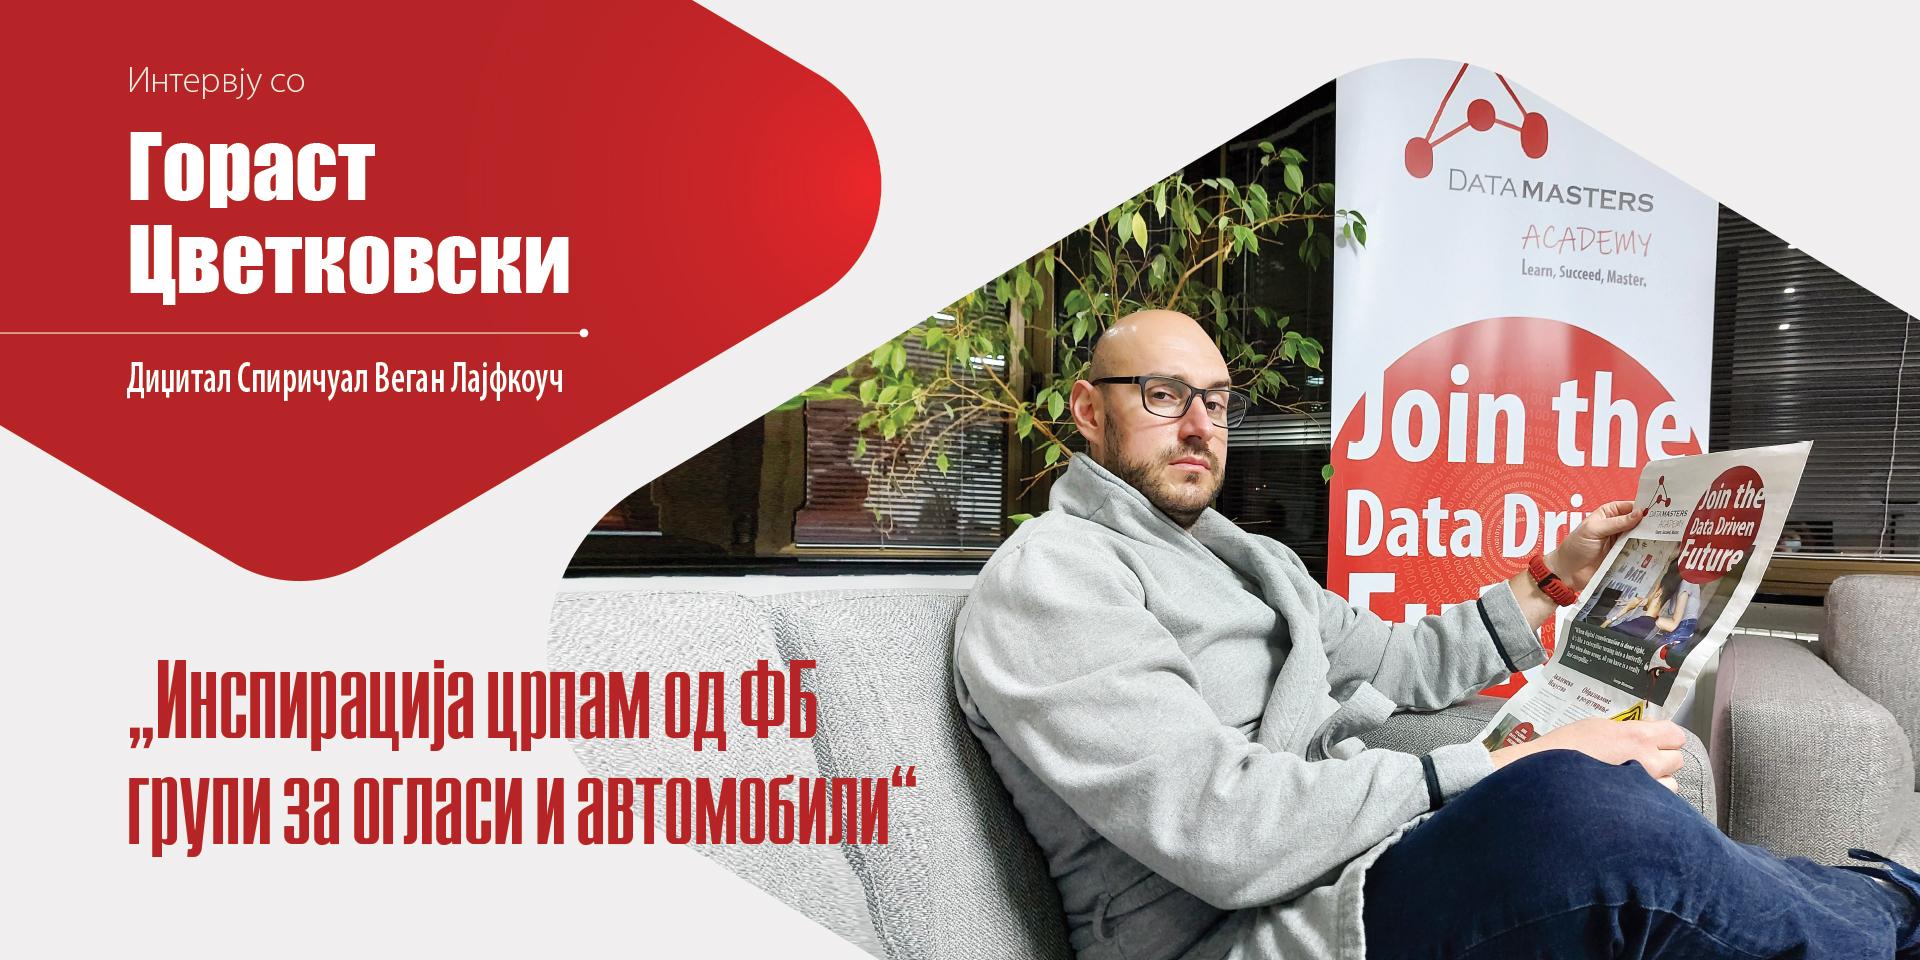 Интервју со Гораст Цветковски